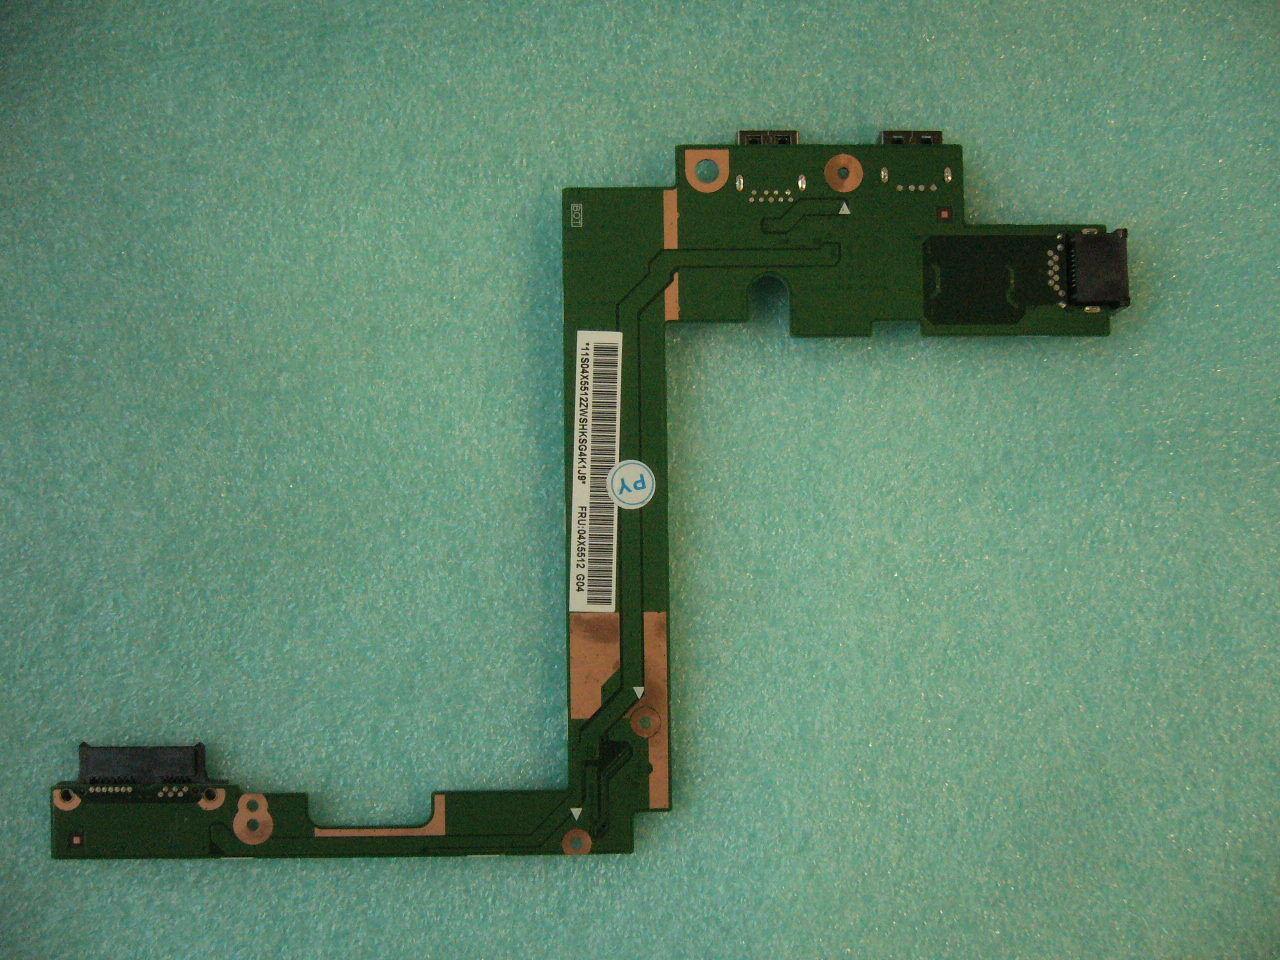 QTY 1x USB Ethernet LKM-1 IO Sub card for Lenovo Thinkpad T540P W540 04X5512